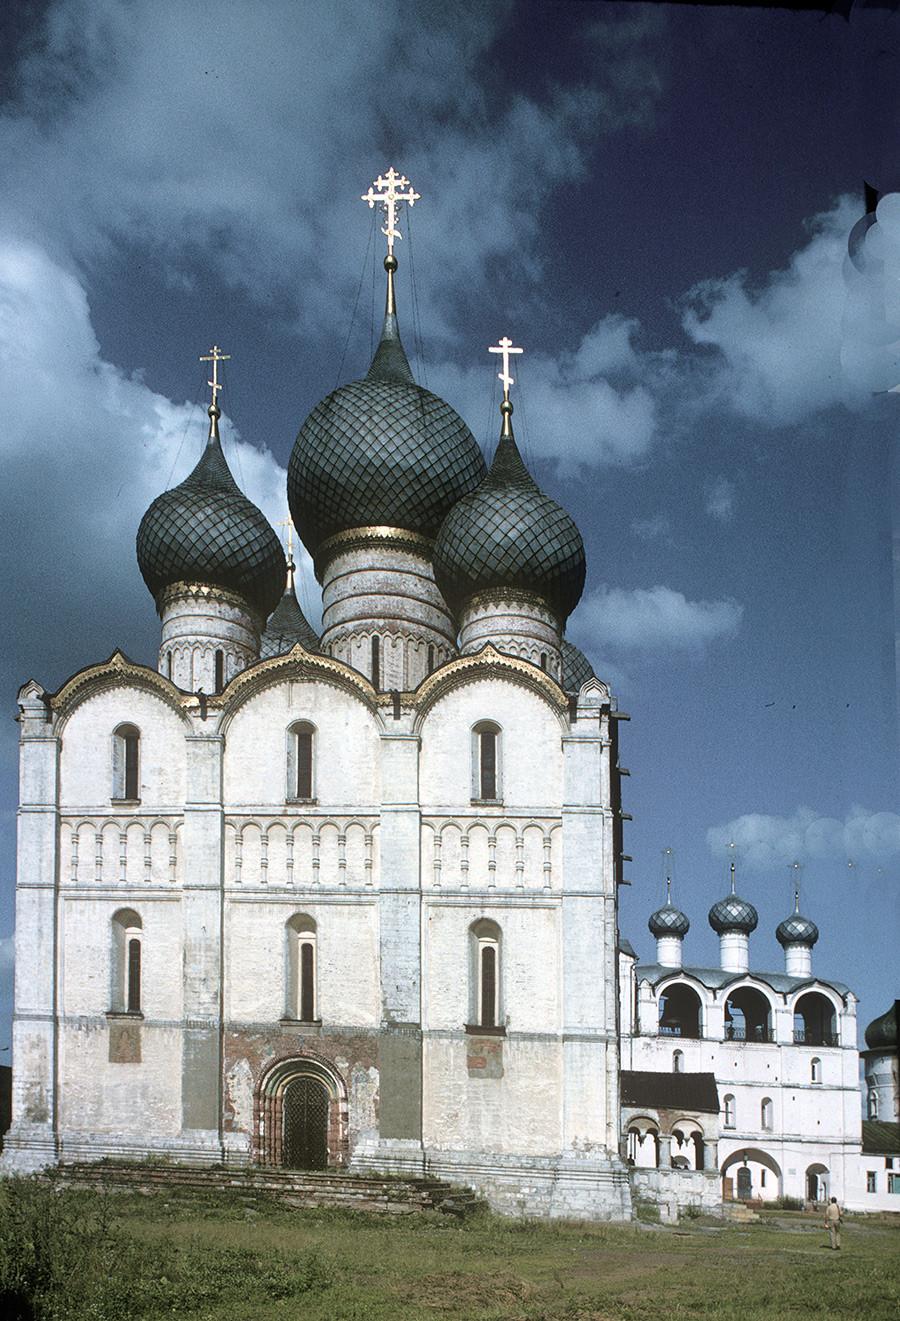 ウスペンスキー聖堂と鐘楼。西側の景観。1995年6月28日。